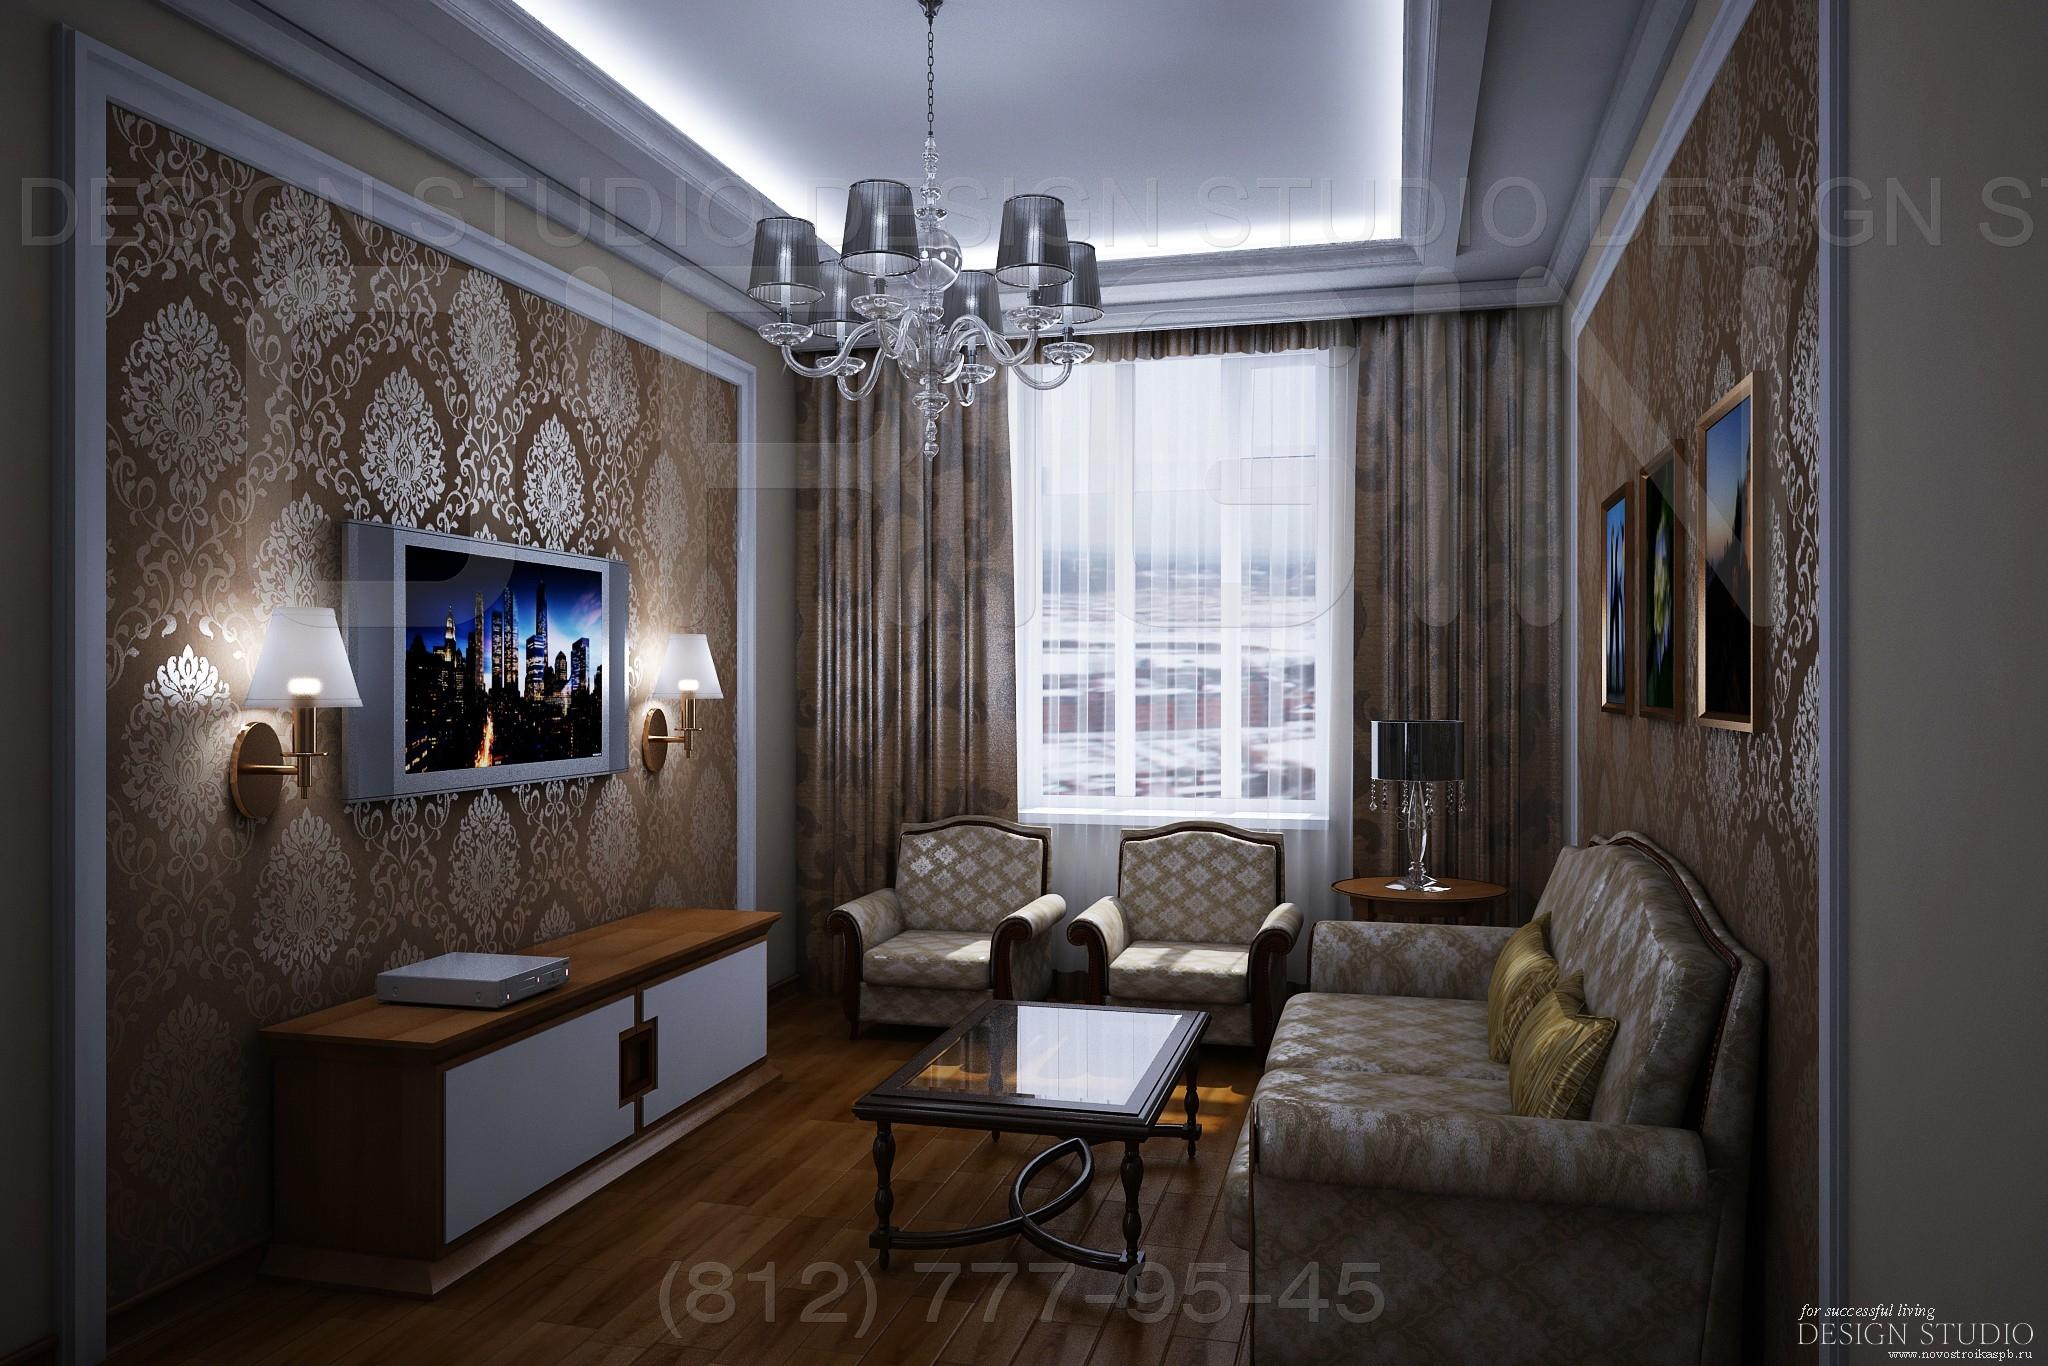 Notranjost dvosobnega apartmaja 65 m2